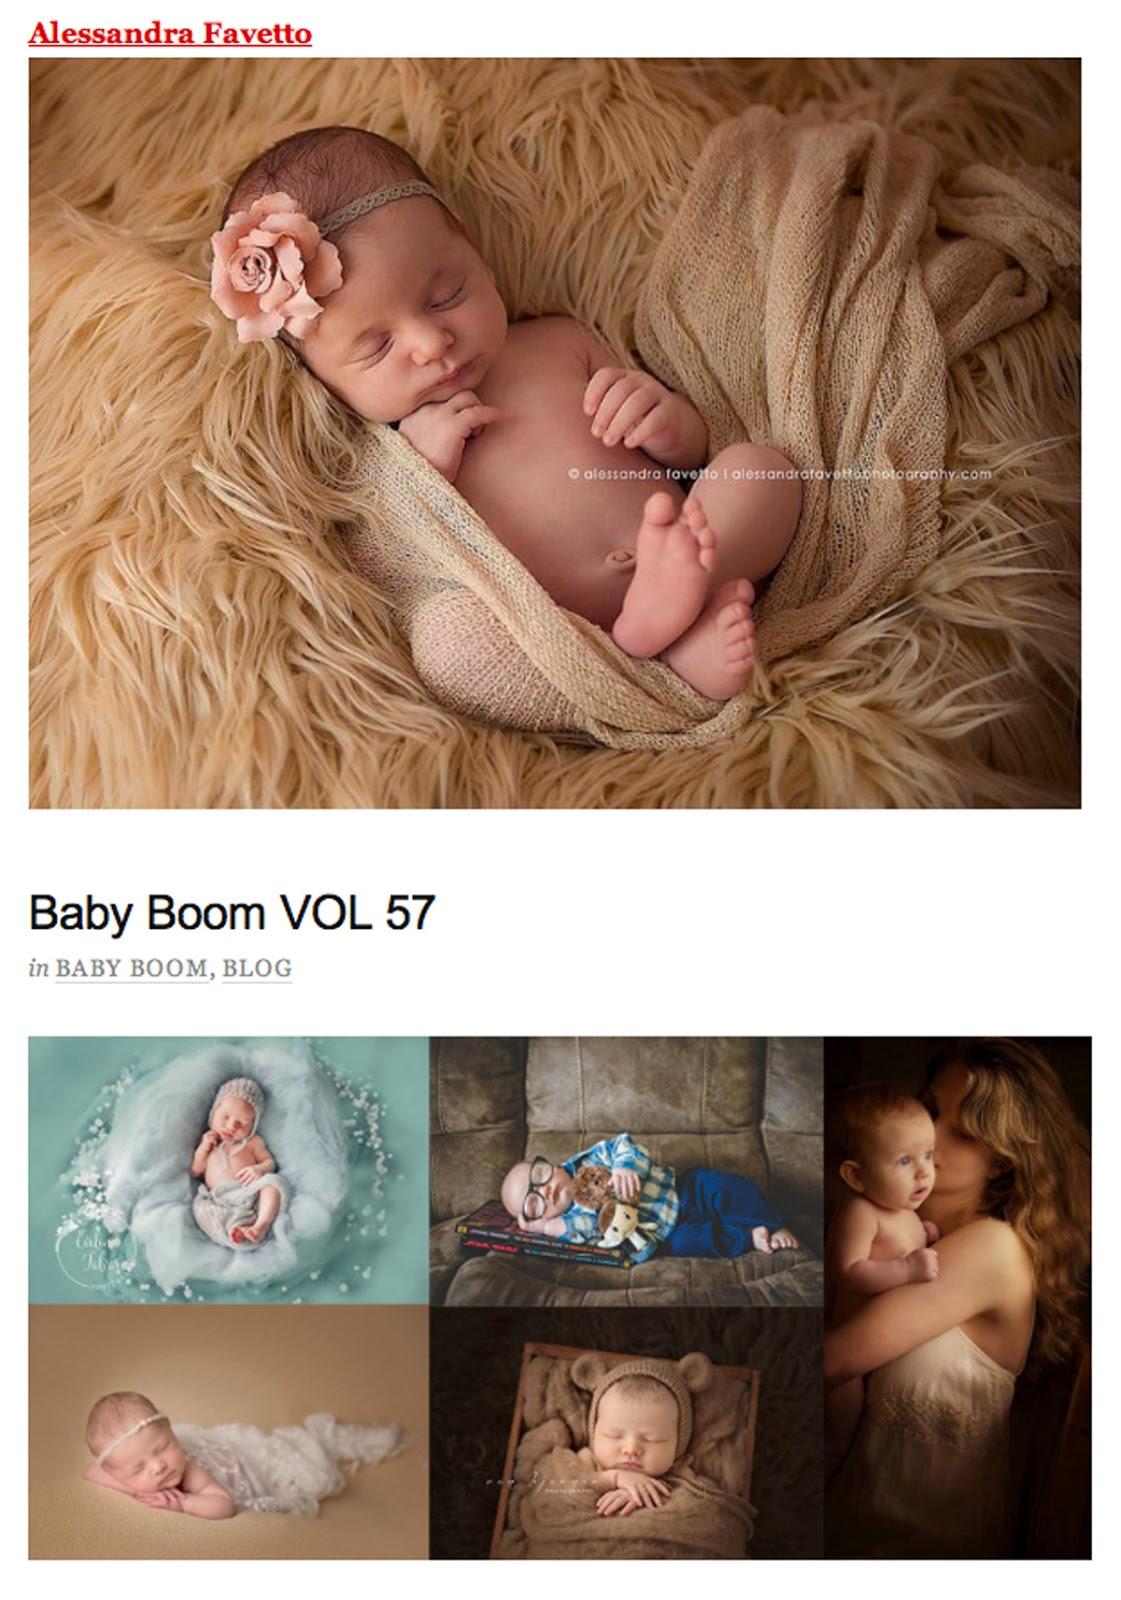 """Que alegría recibir un pequeño reconocimiento a mi trabajo de fotógrafa de recién nacidos :-)) Una de mis fotos, la de la pequeña Julia, ha sido incluida en la colección """"Baby Boom Vol.57""""."""